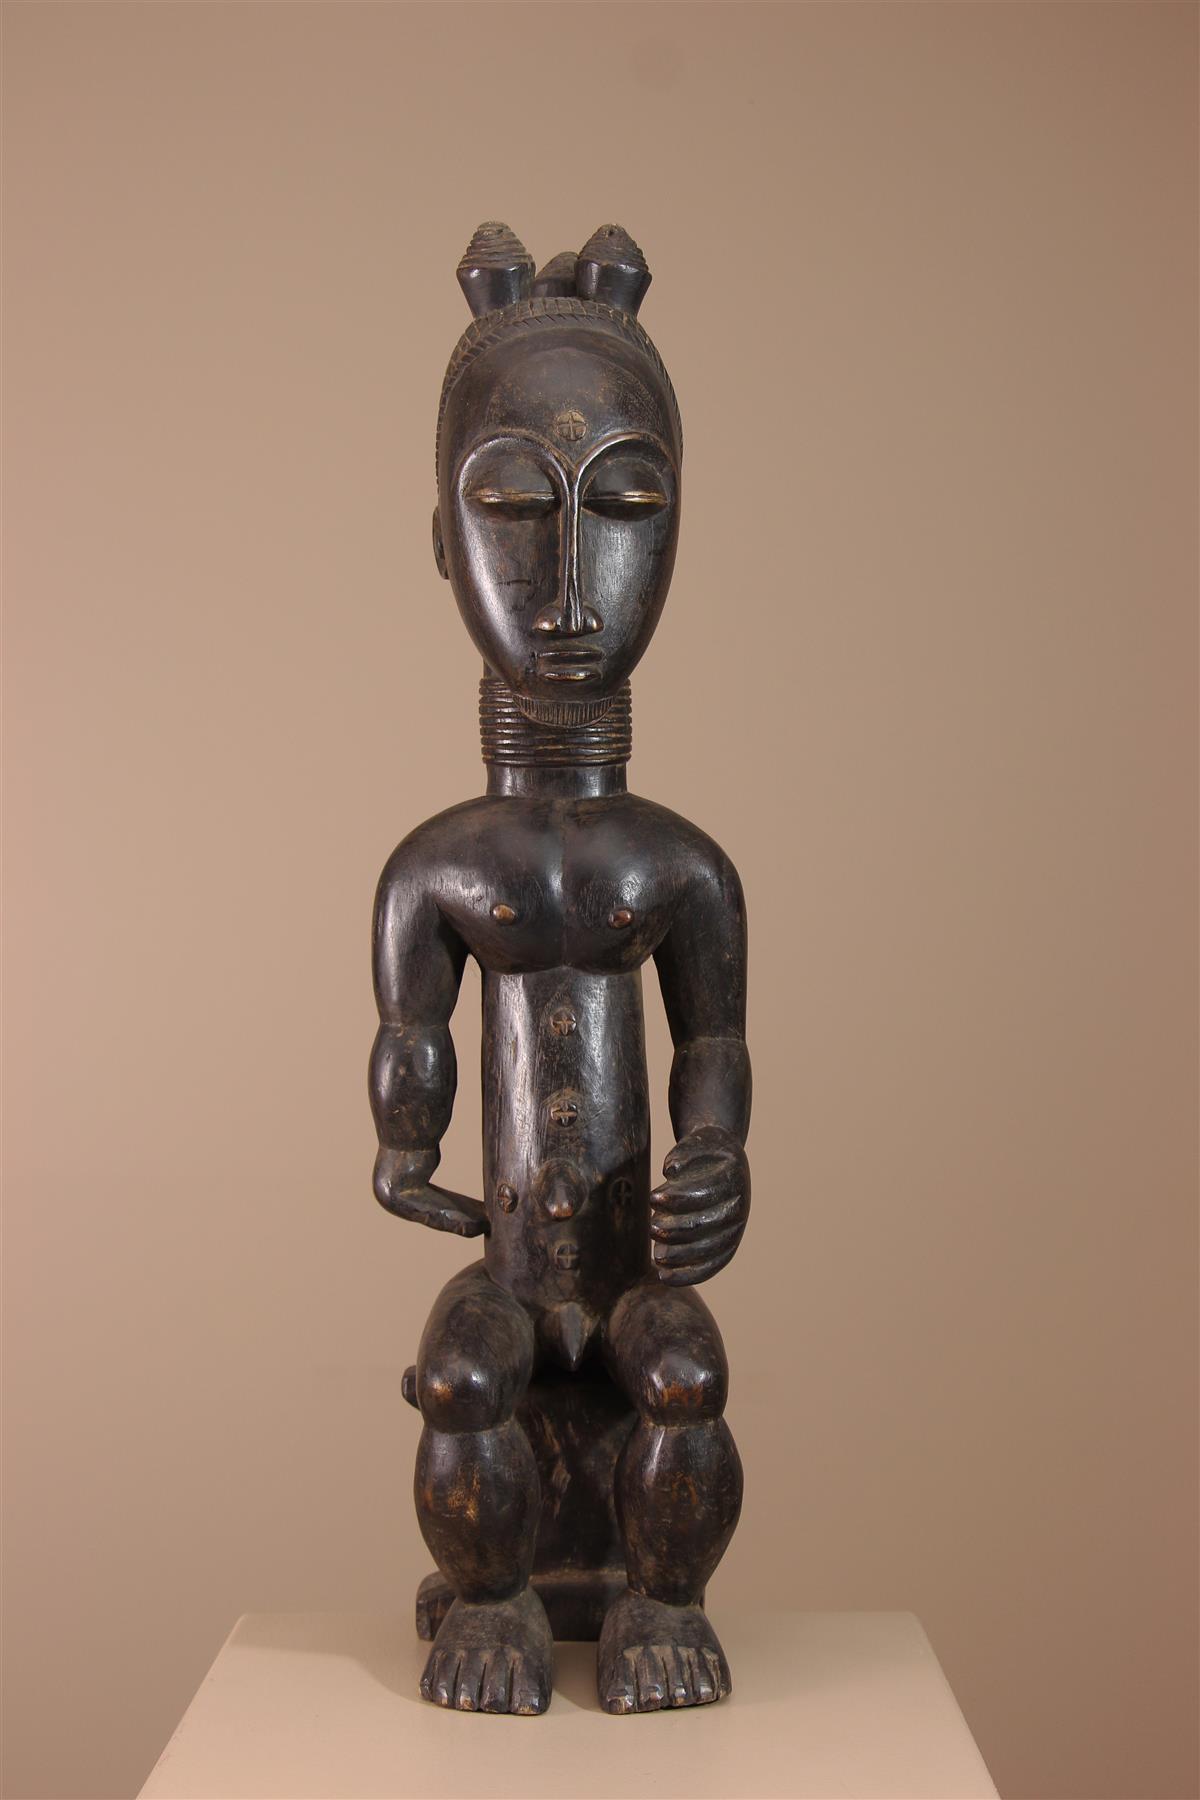 Statue Côte d'Ivoire - Déco africaine - Art africain traditionnel